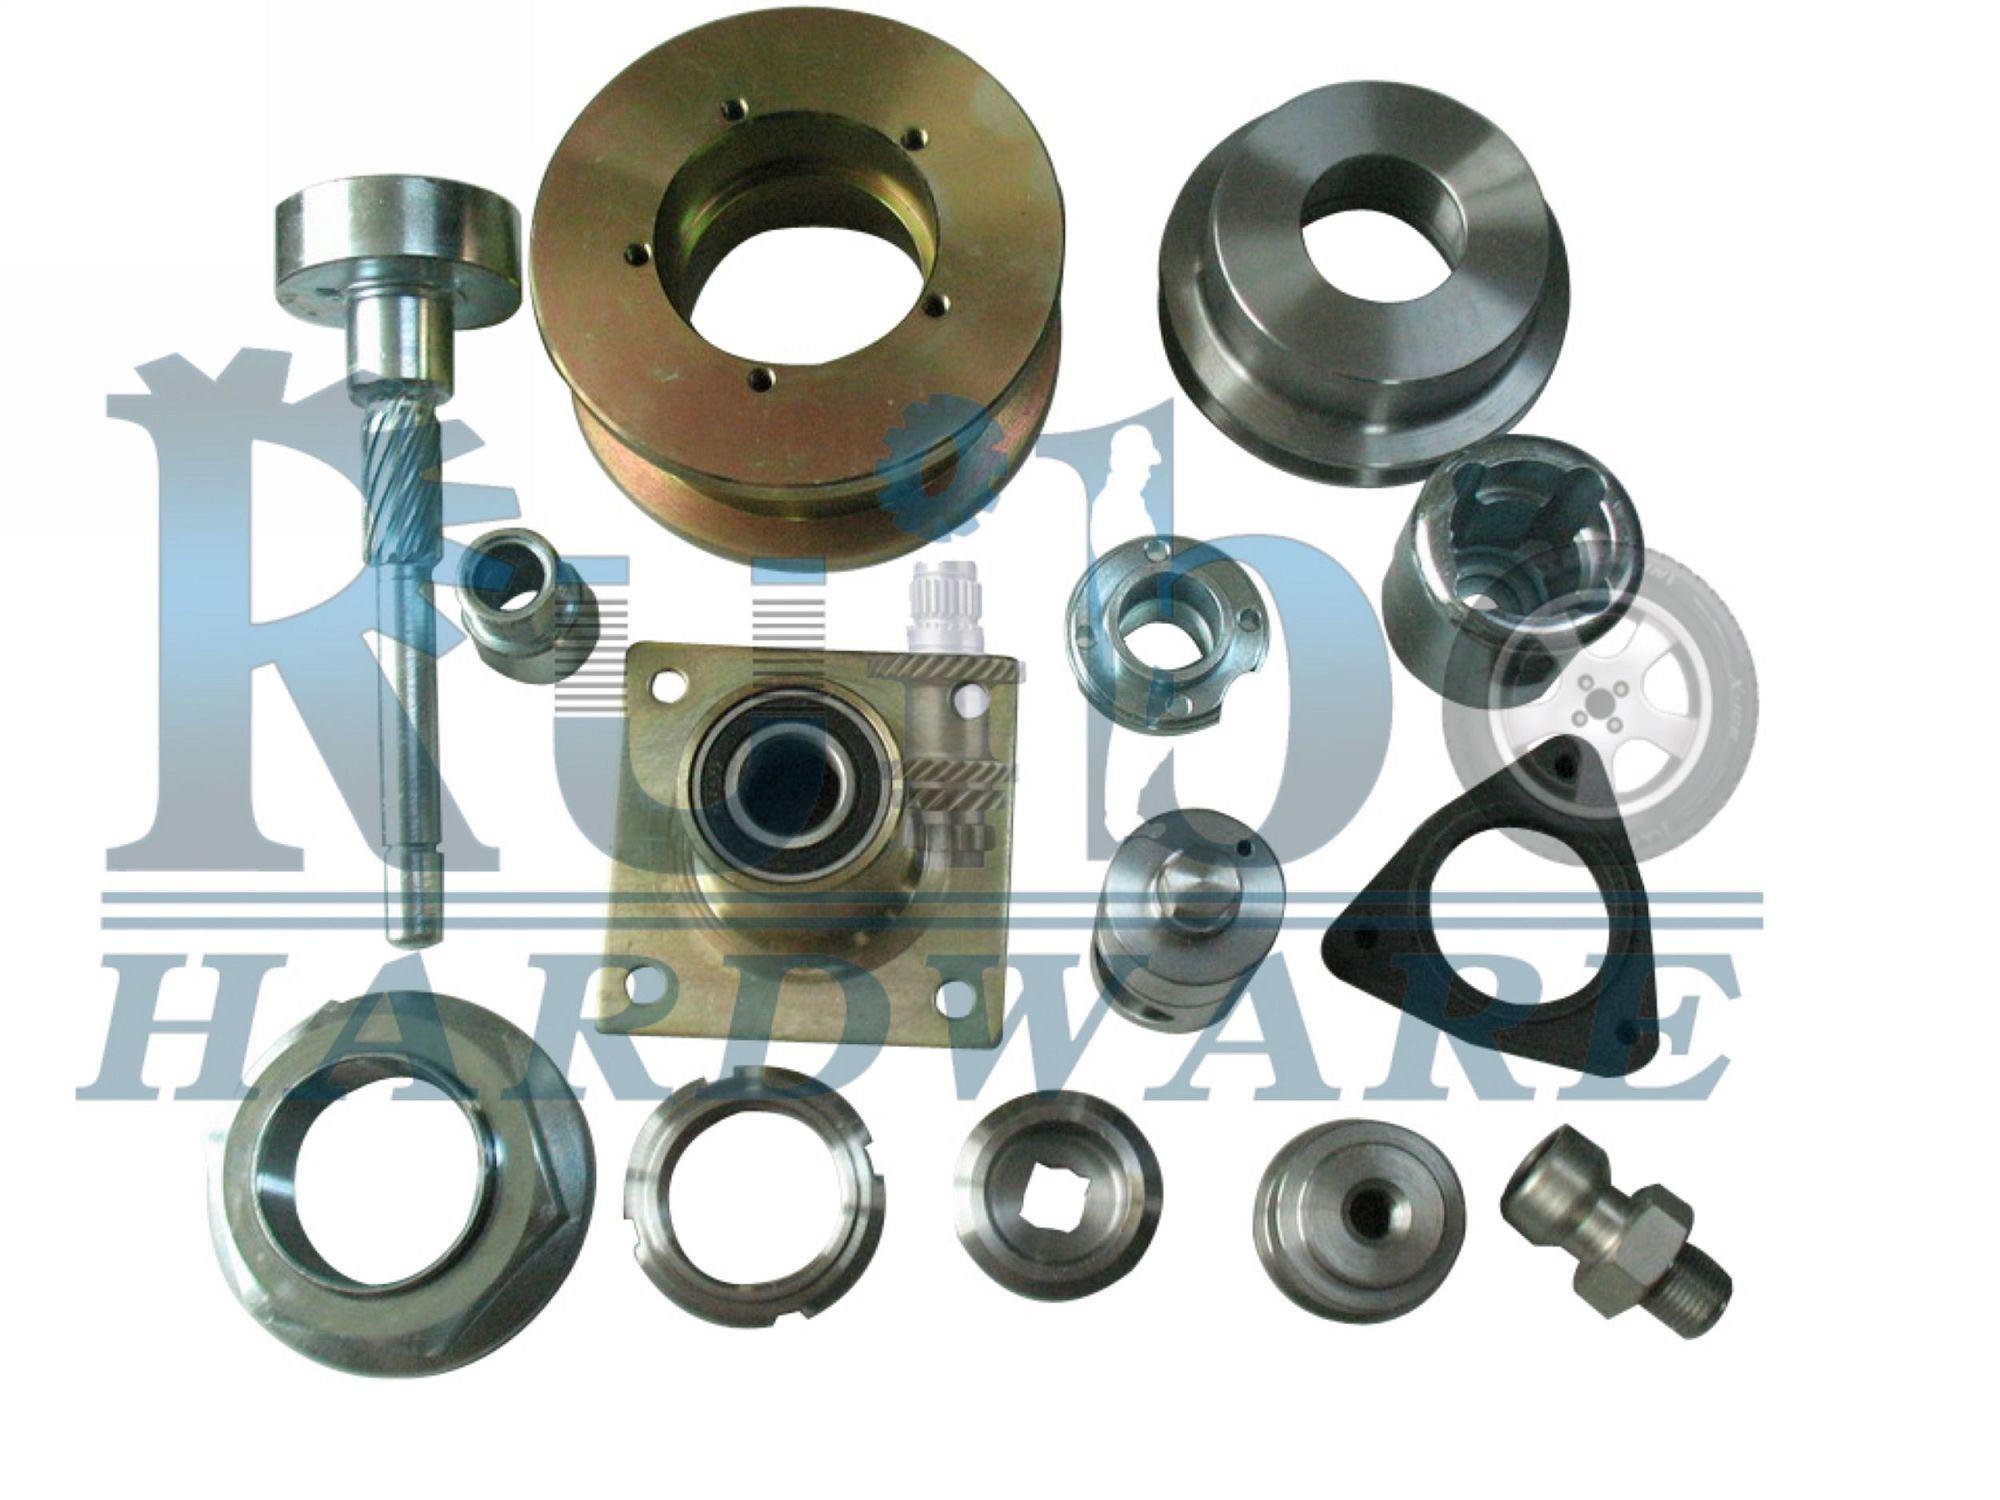 parts of a cnc machine